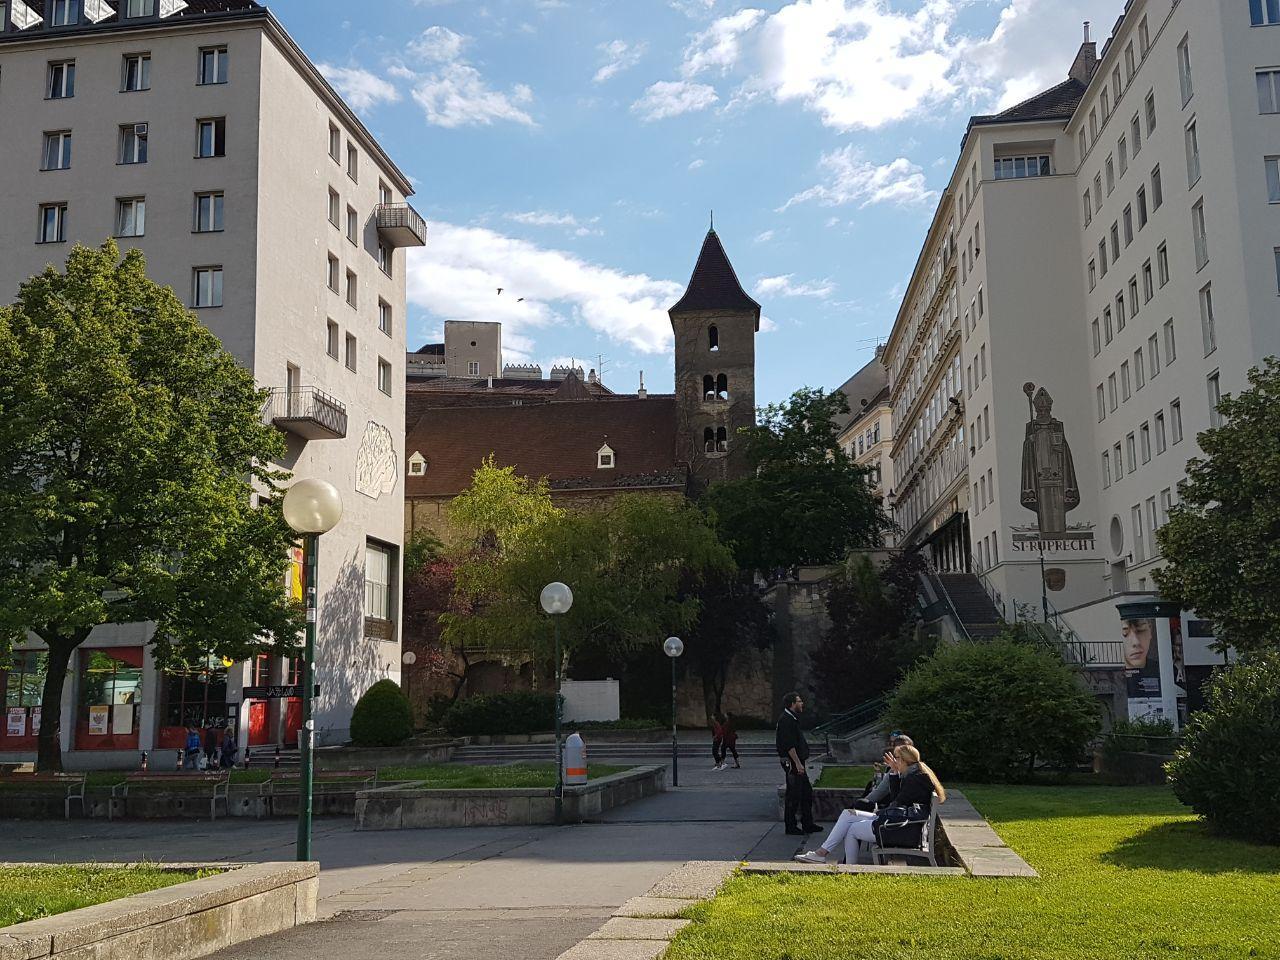 Рупрехтскирхе, Вена, Австрия. Май, 2020